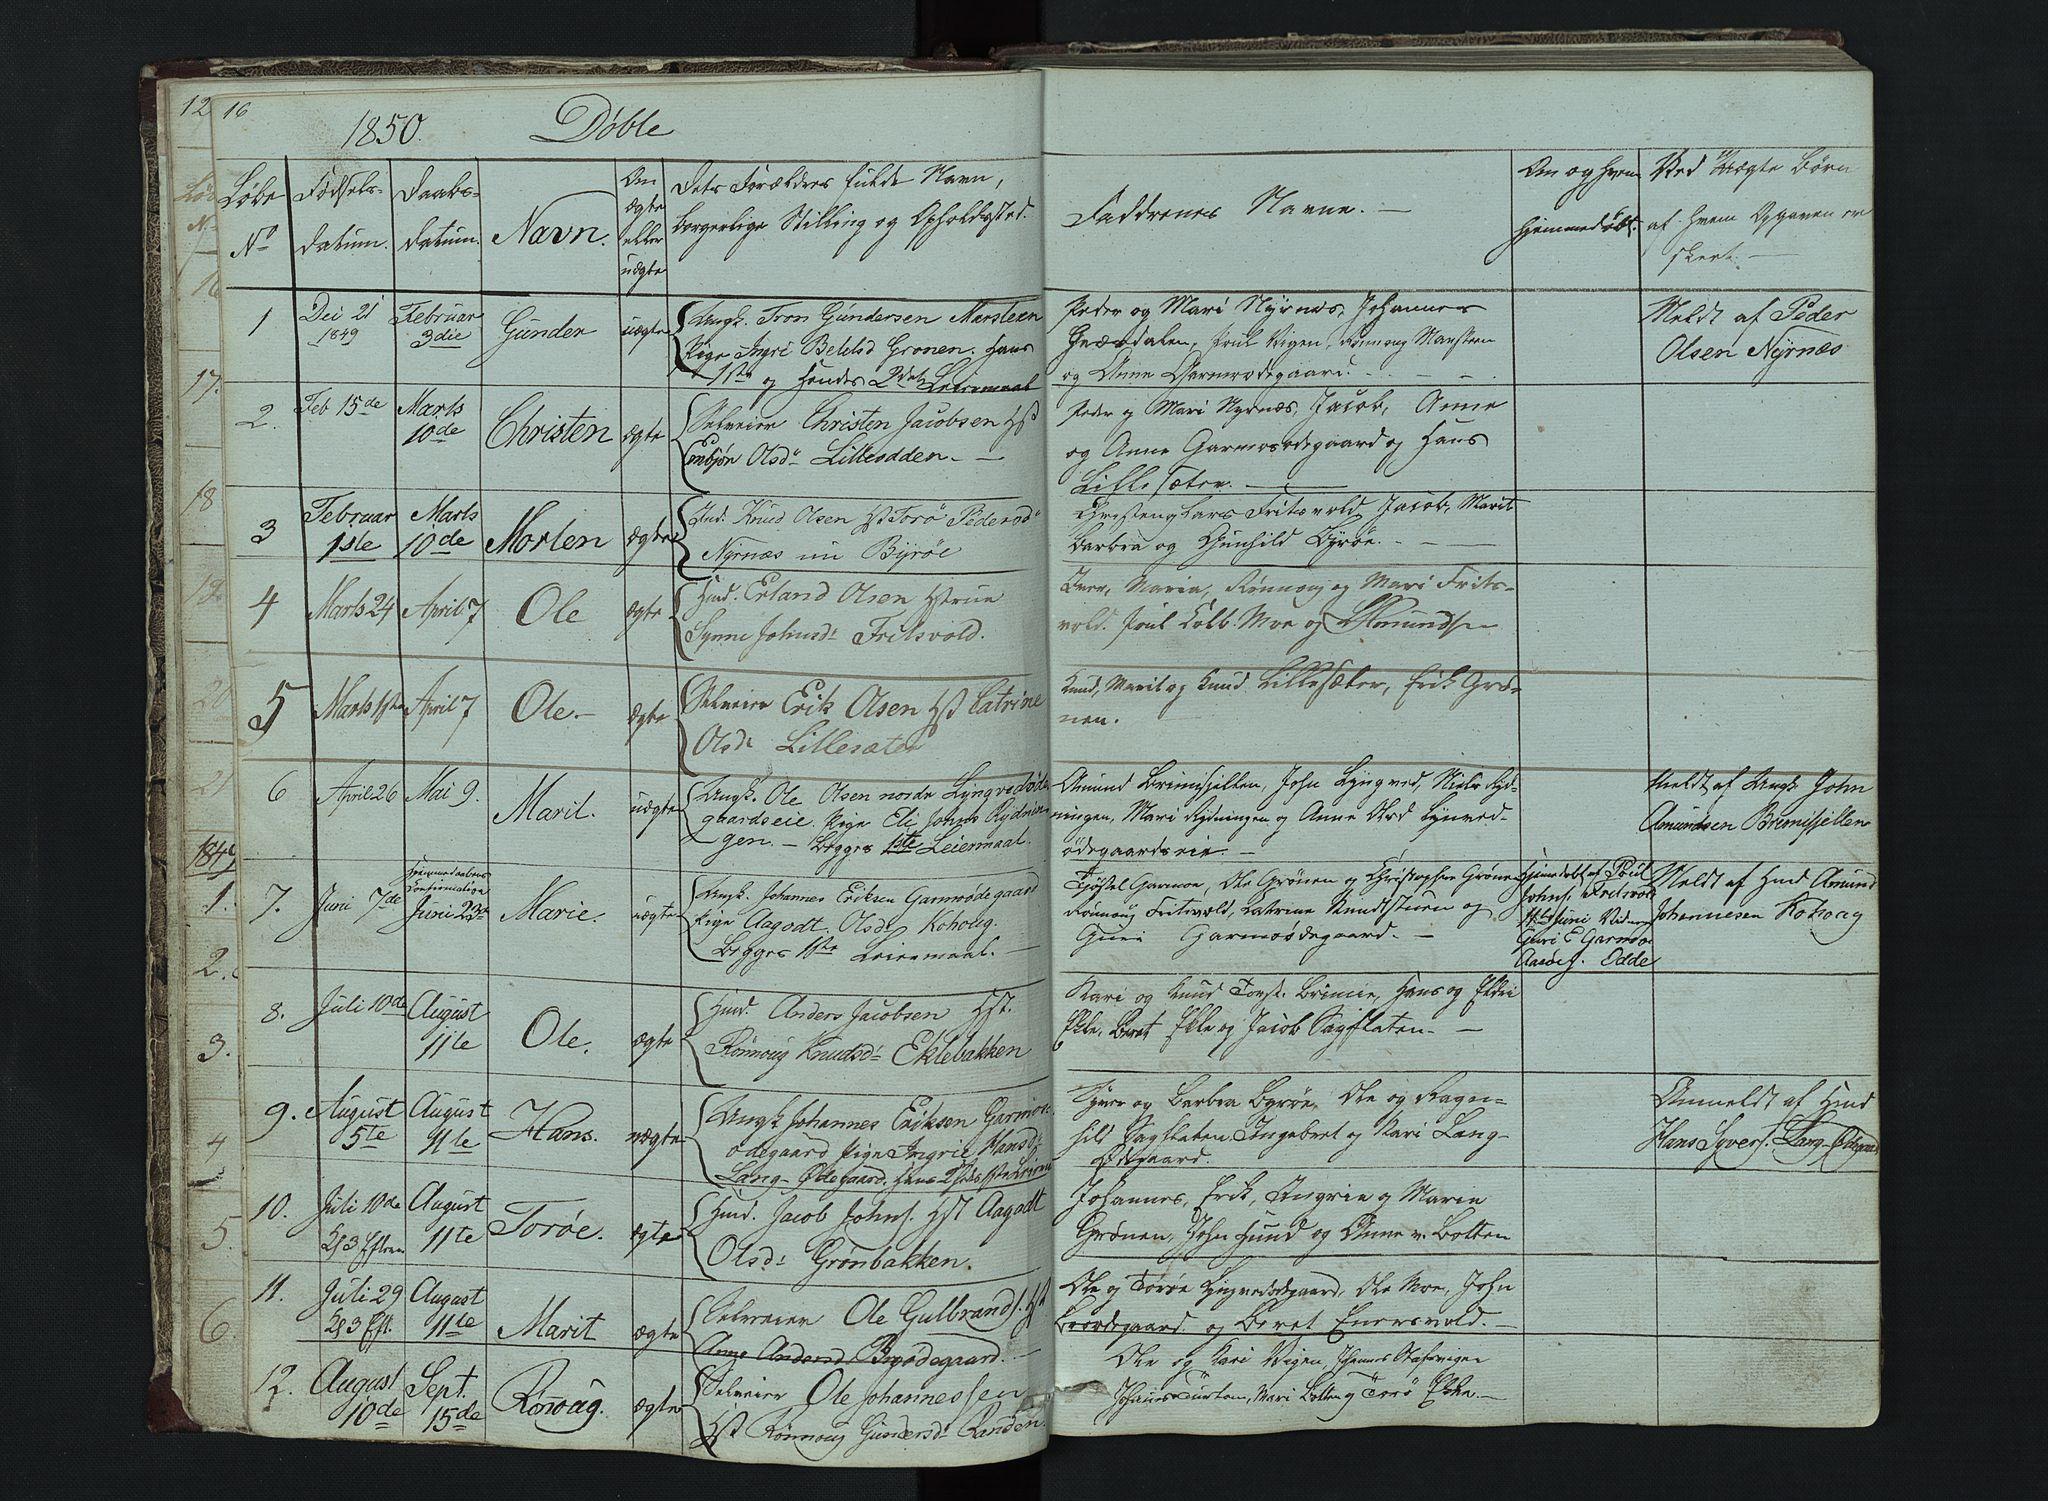 SAH, Lom prestekontor, L/L0014: Klokkerbok nr. 14, 1845-1876, s. 16-17